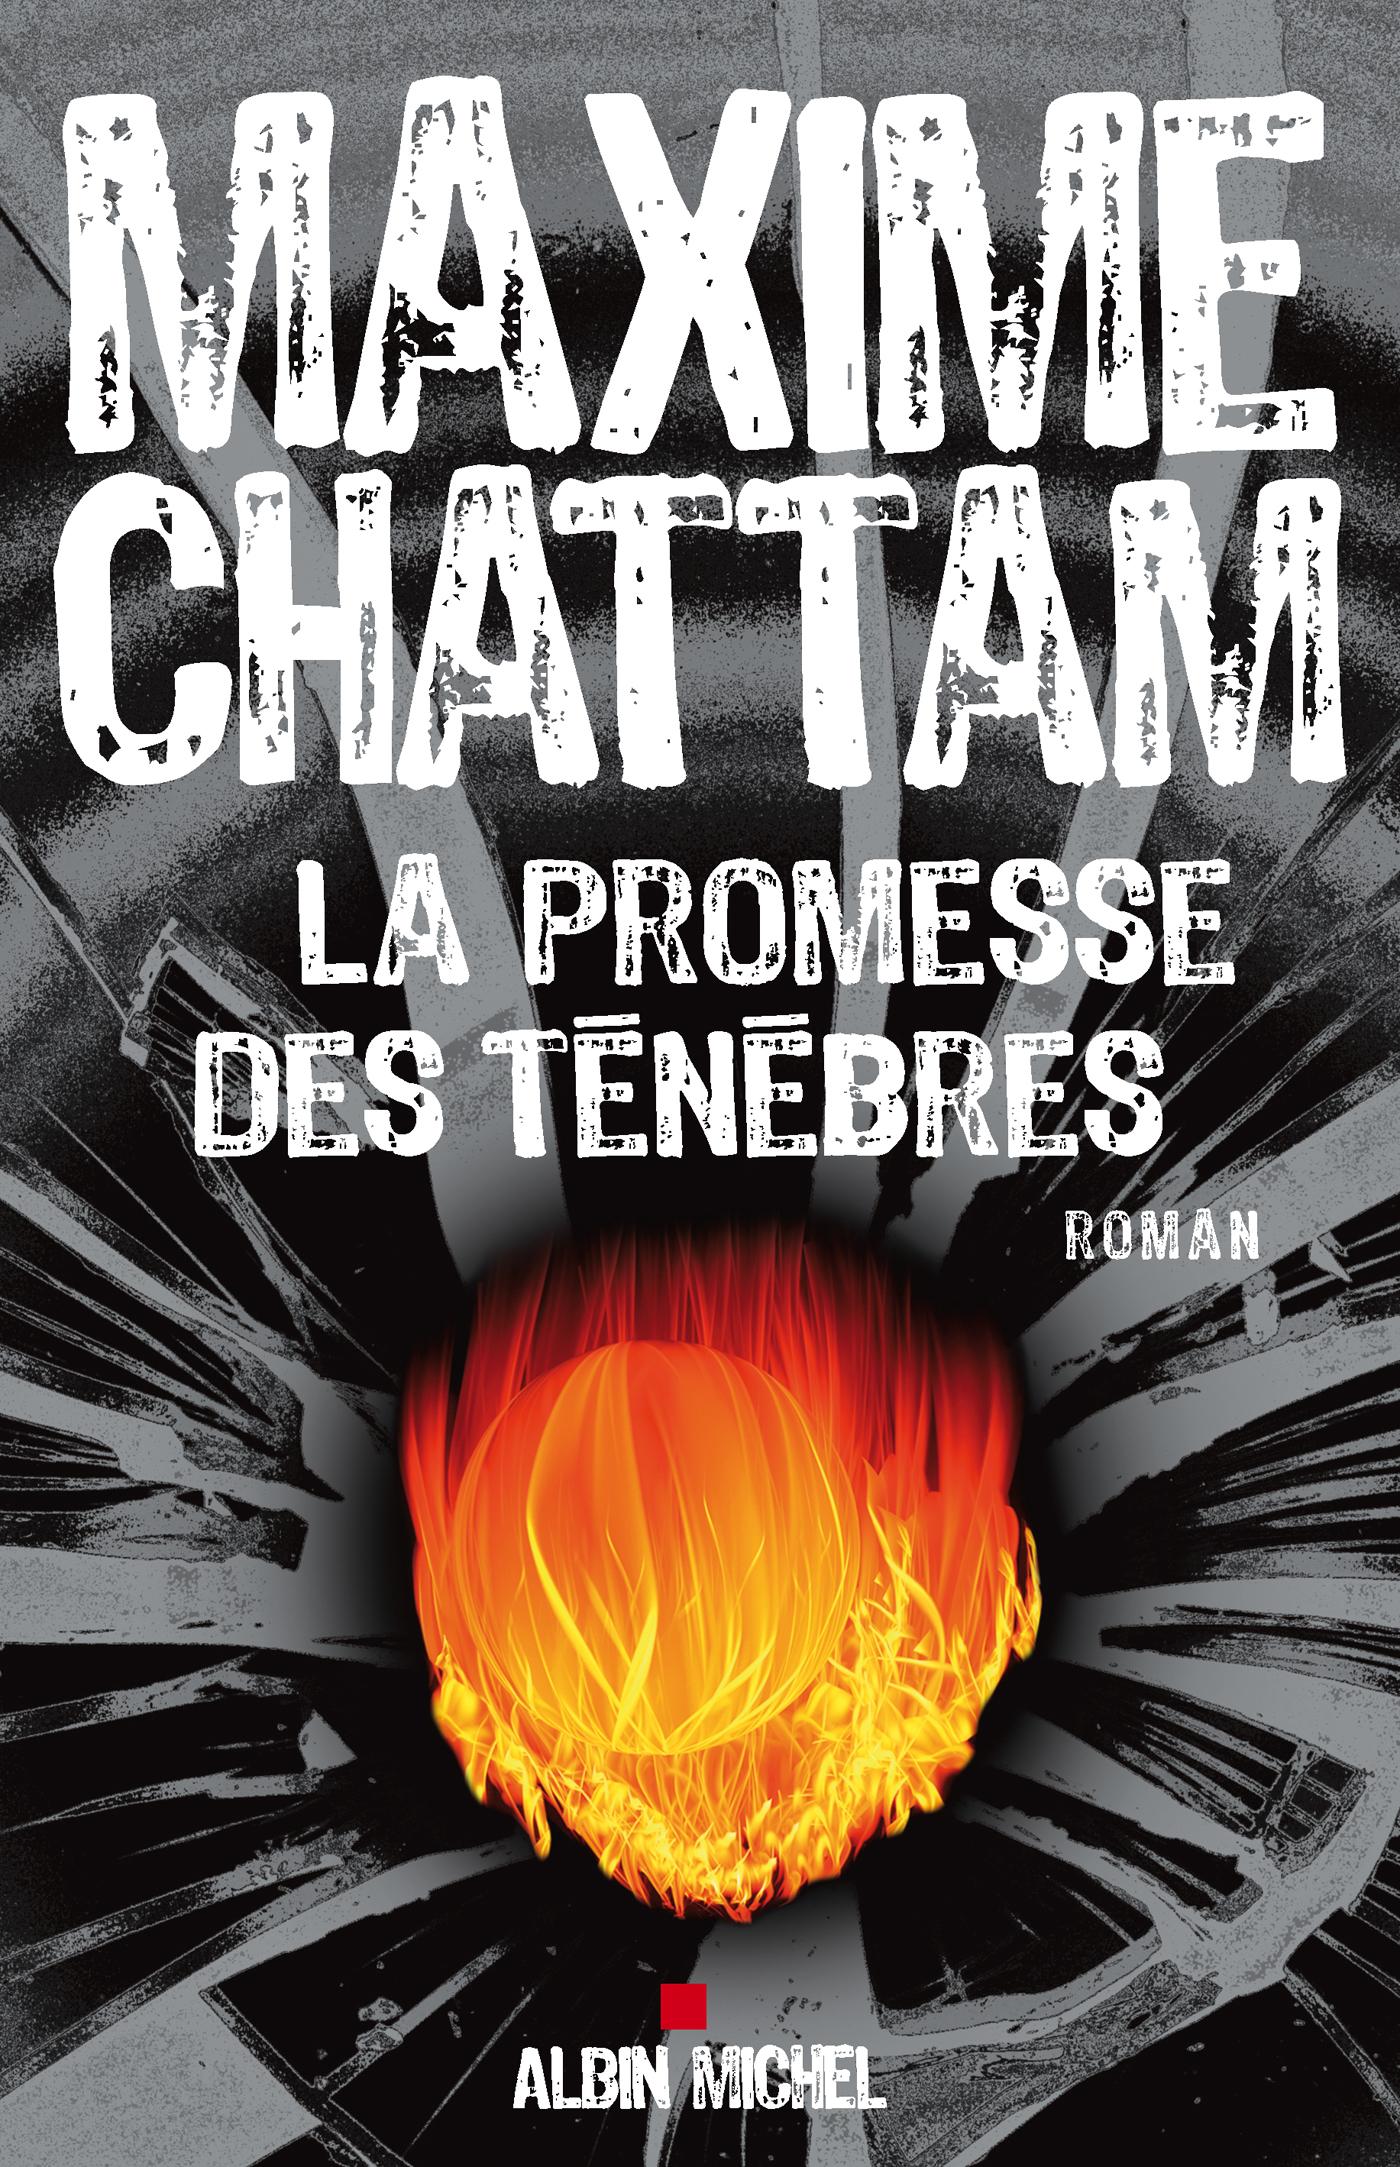 La Promesse des ténèbres | Chattam, Maxime. Auteur